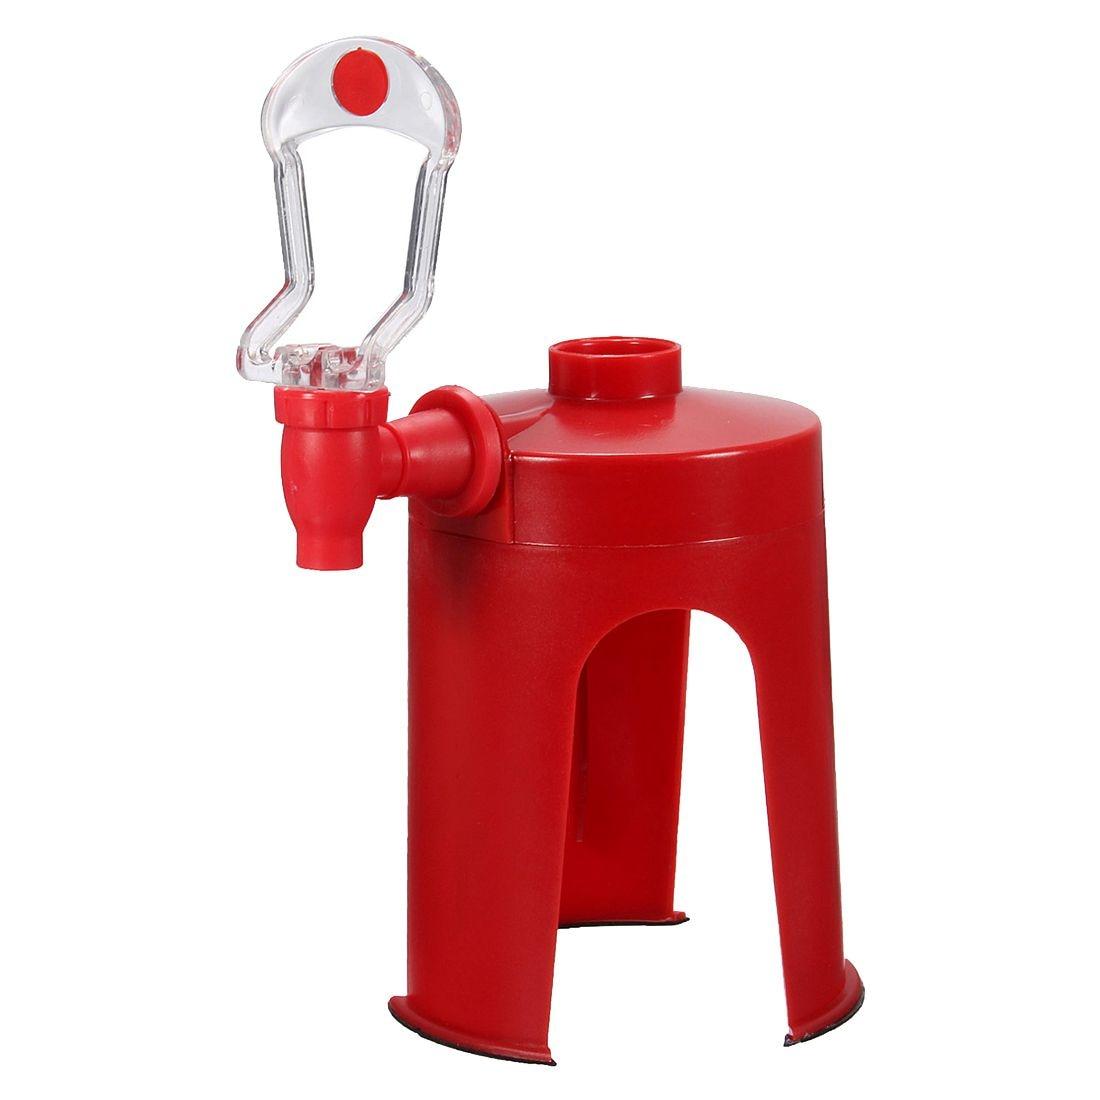 Dispensador de Agua Potable Sodas Ideal para Tus Bebidas Fácil de Usar